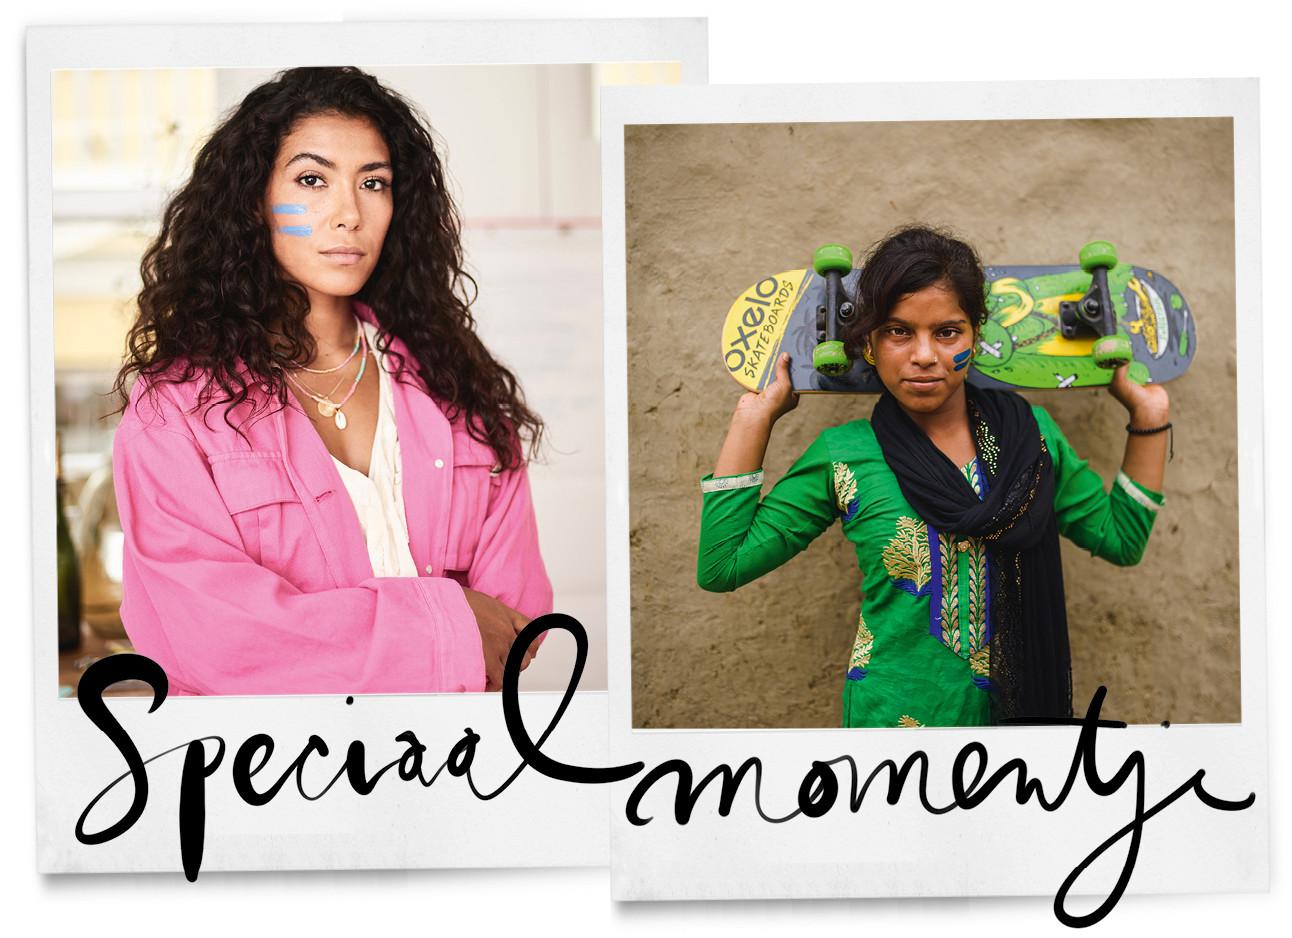 moise trustfull met een roze jasje aan en een blauwe streep op haar gezicht en een getint meisje met een groene blouse aan en een groen skateboard